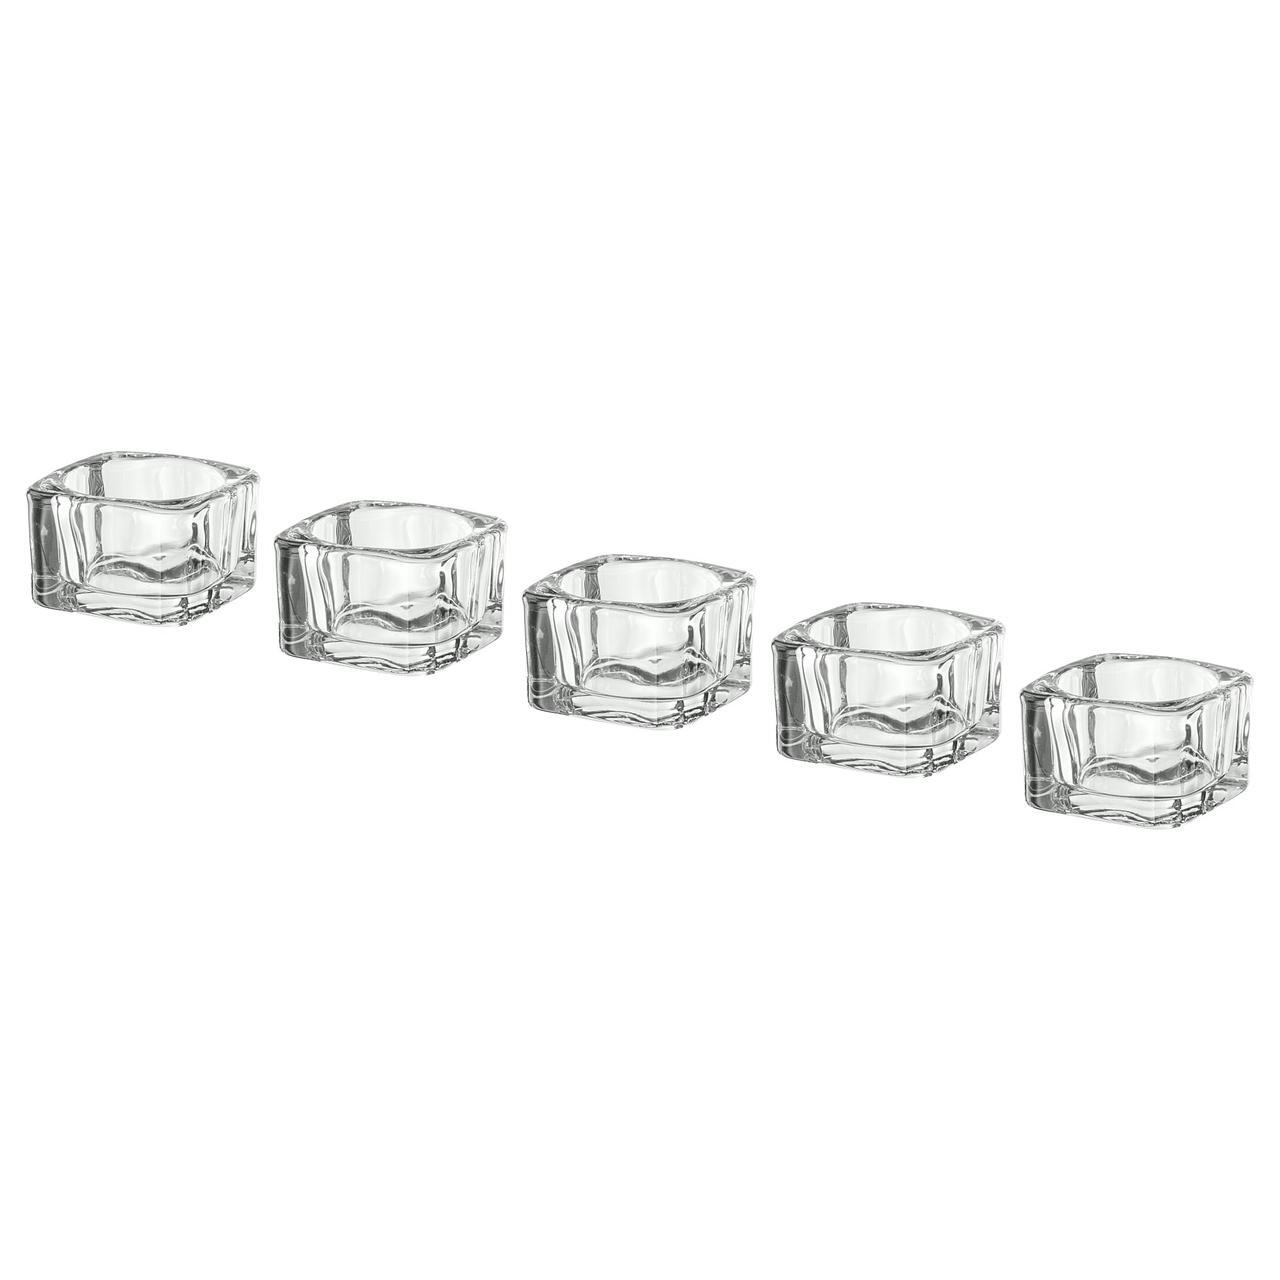 IKEA GLASIG ( 002.591.41) Підсвічник для свічки-таблетки, прозоре скло 5x5 см (набір 5 шт).